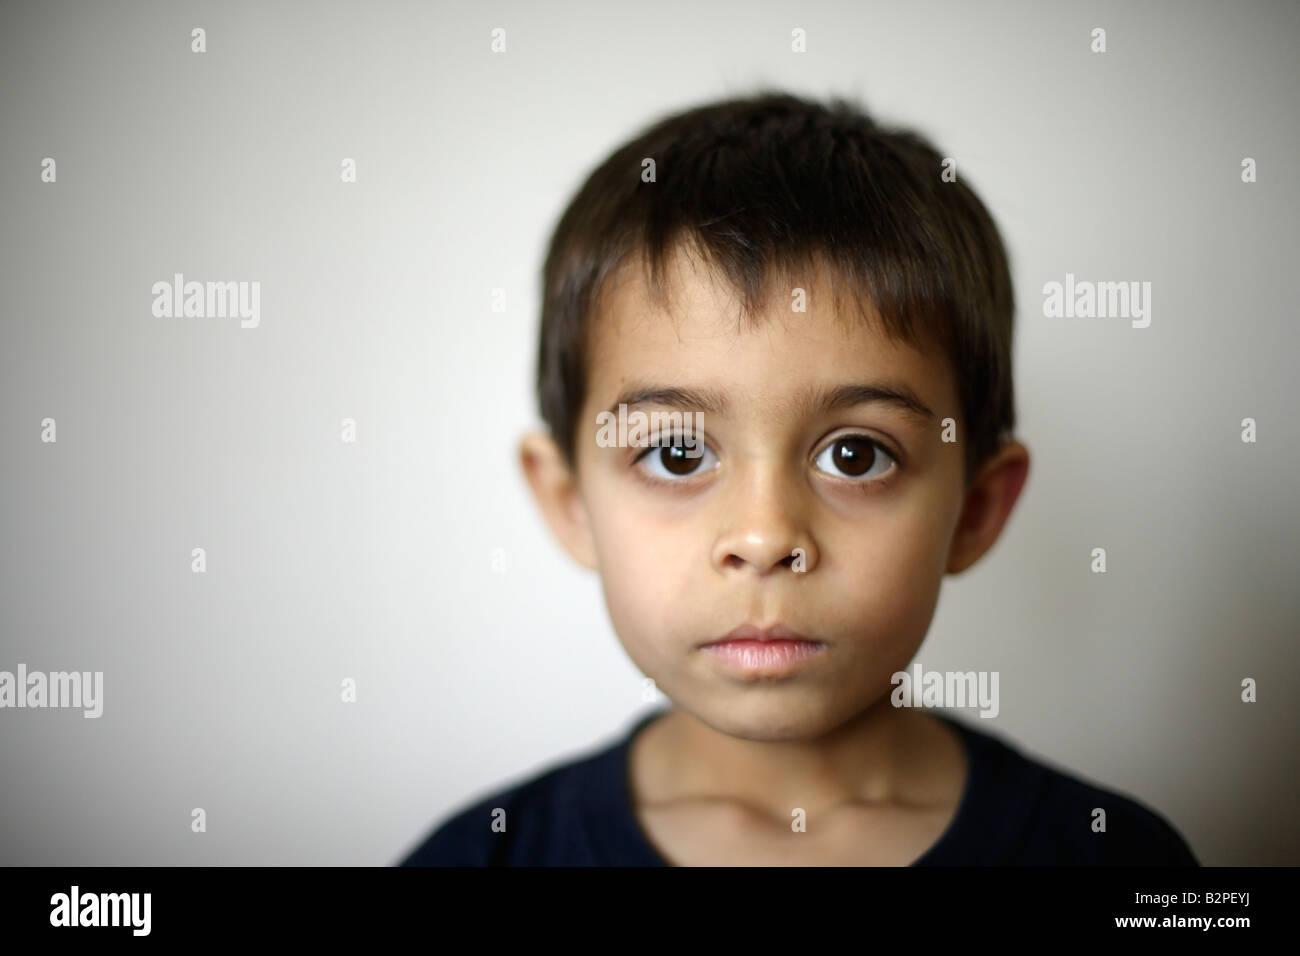 6 anno vecchio ragazzo razza mista etnico indiano mani del padre tenendo il suo volto Immagini Stock